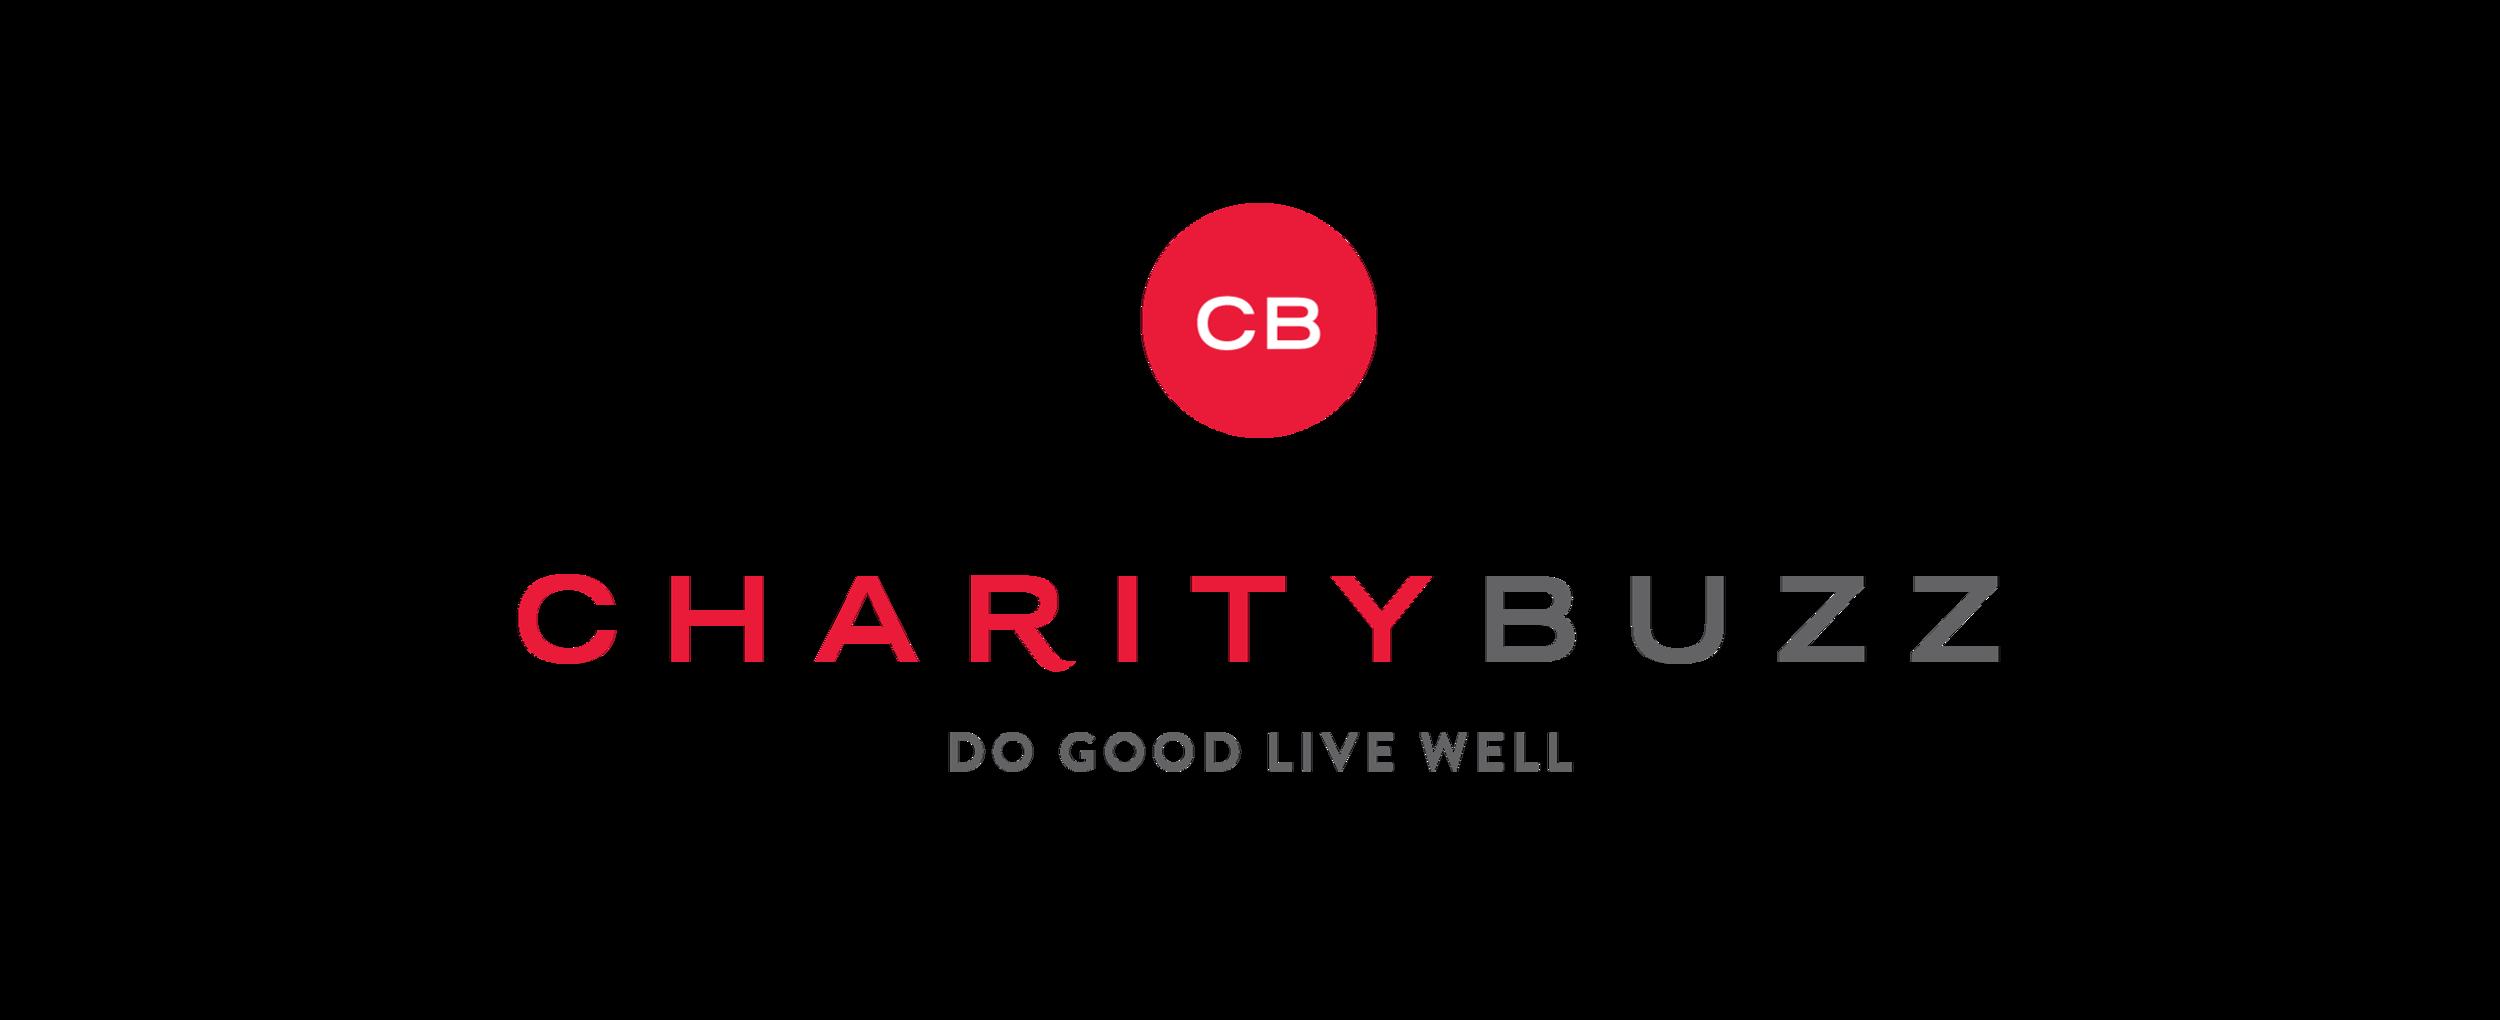 bug-logo-050ec3399085ee51972ab3a2ace13187.png